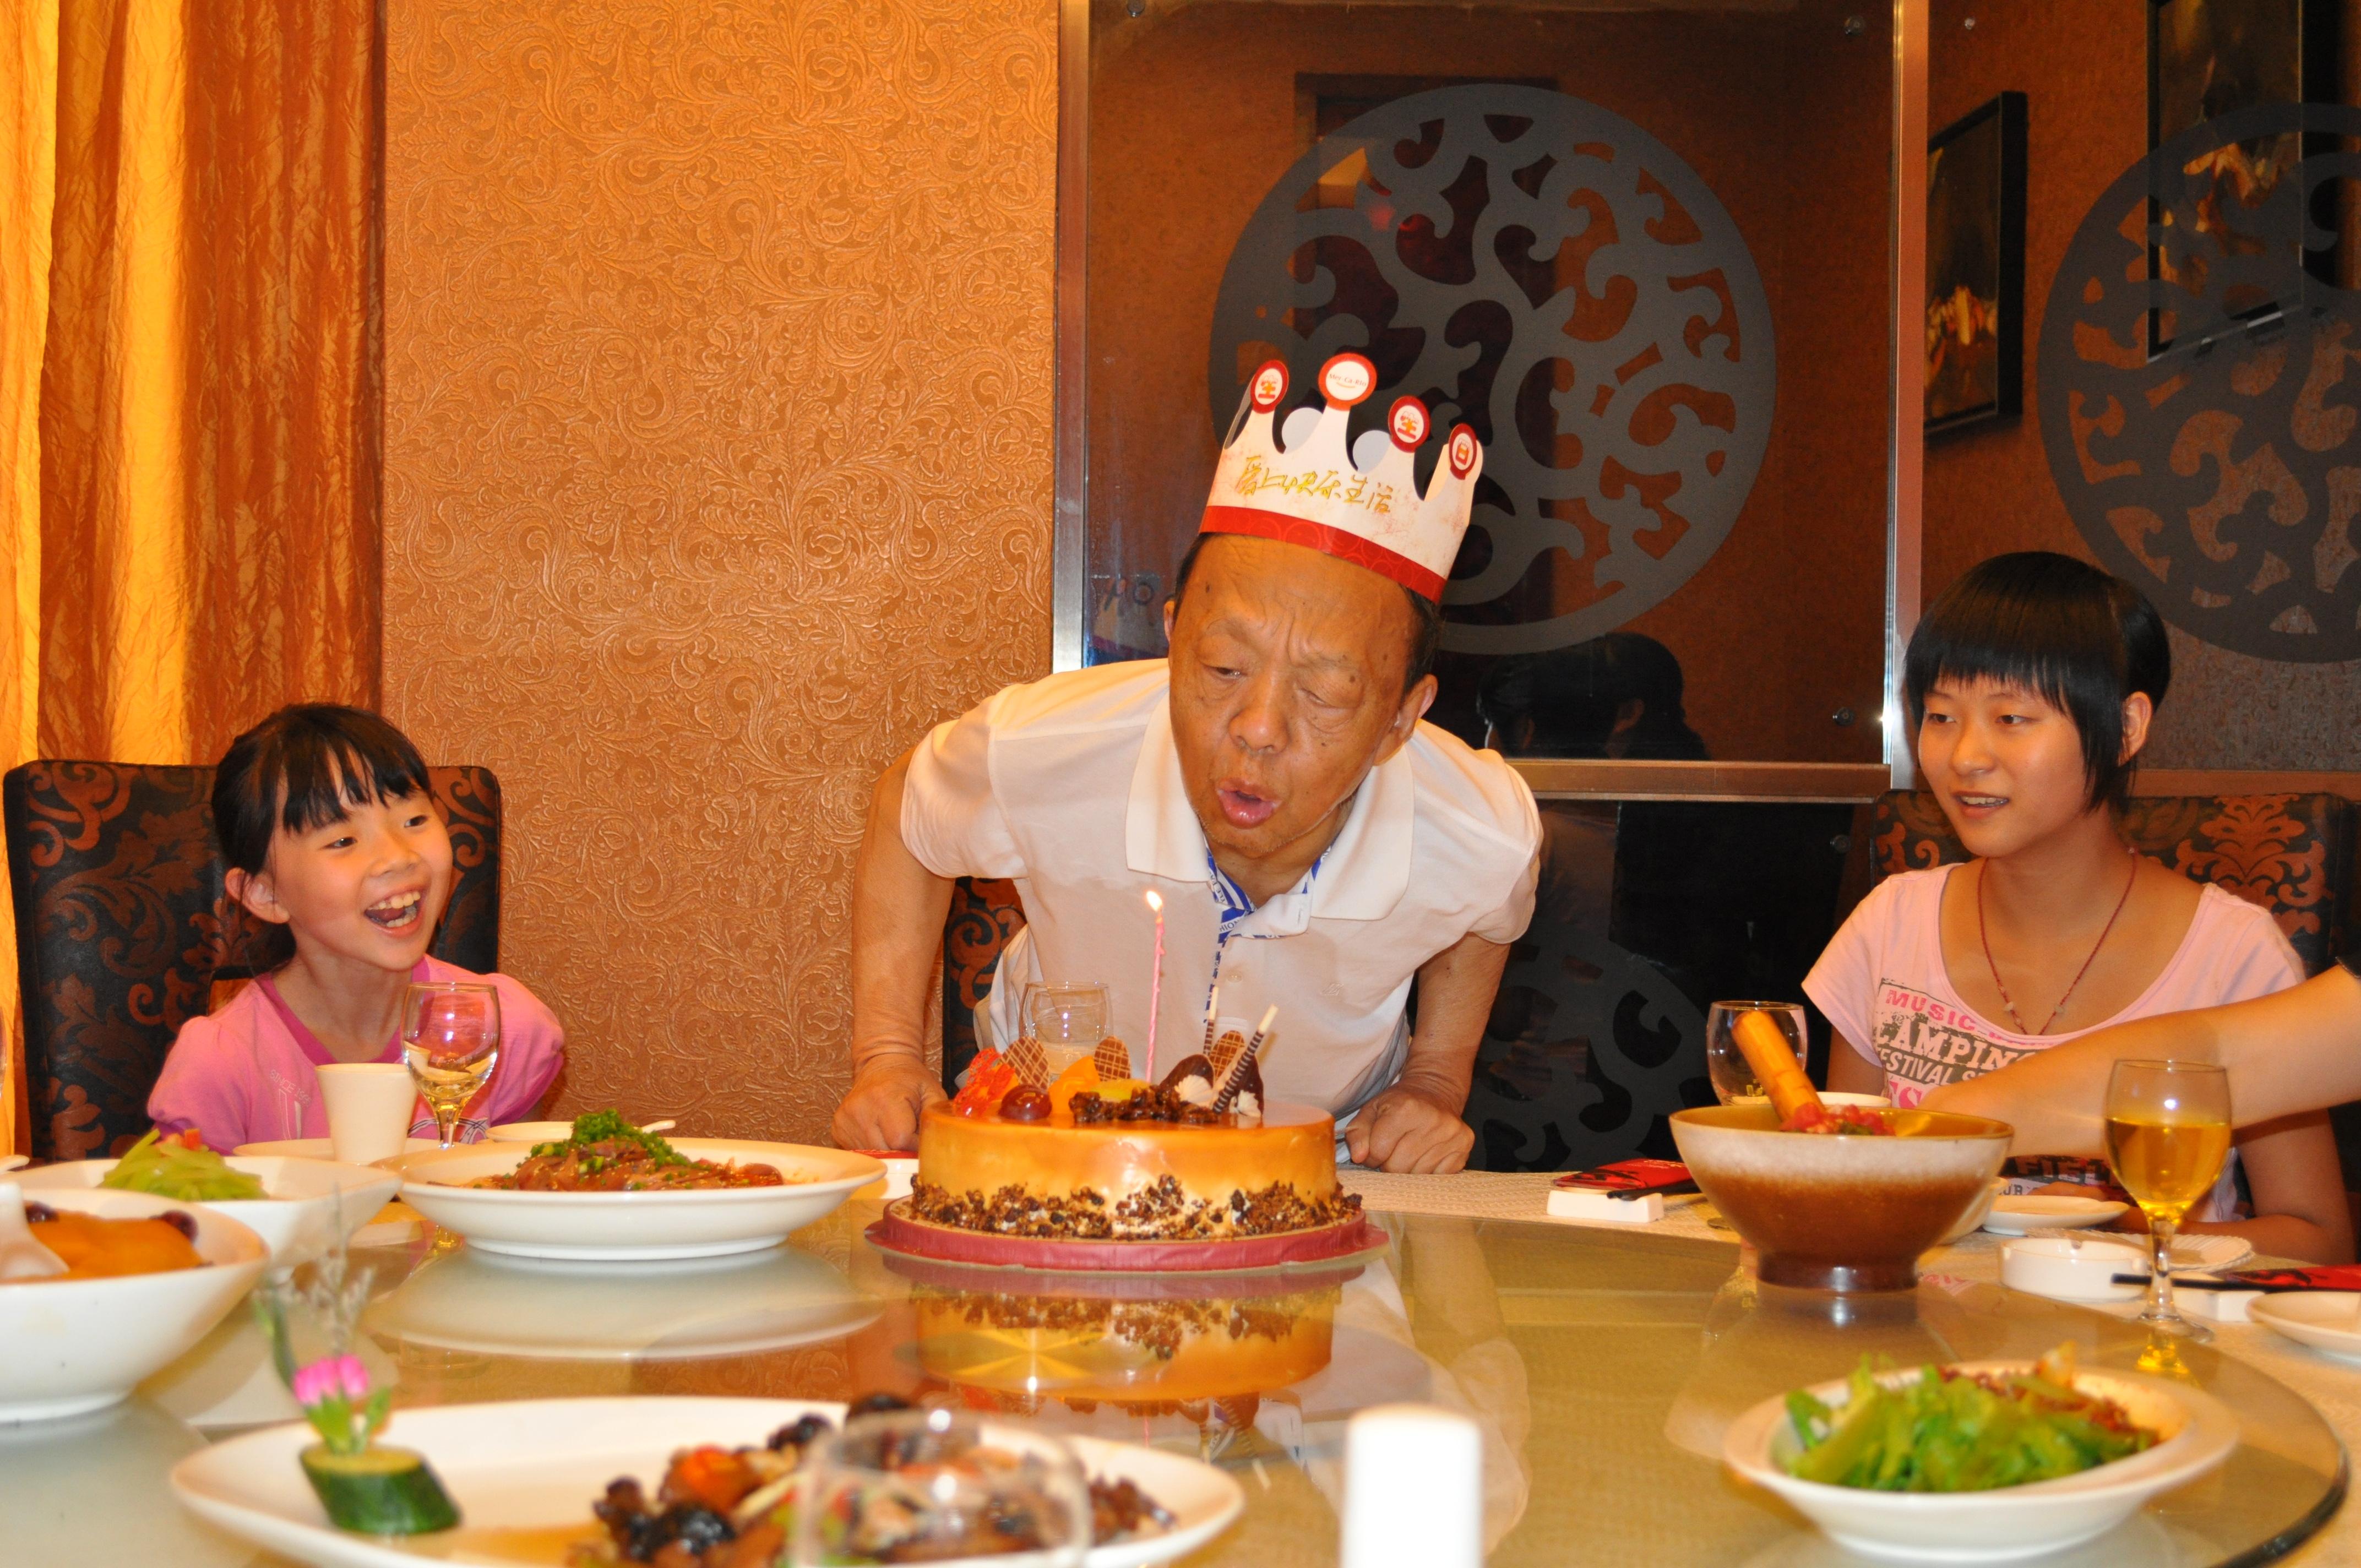 2010年8月,父亲最后过的生日